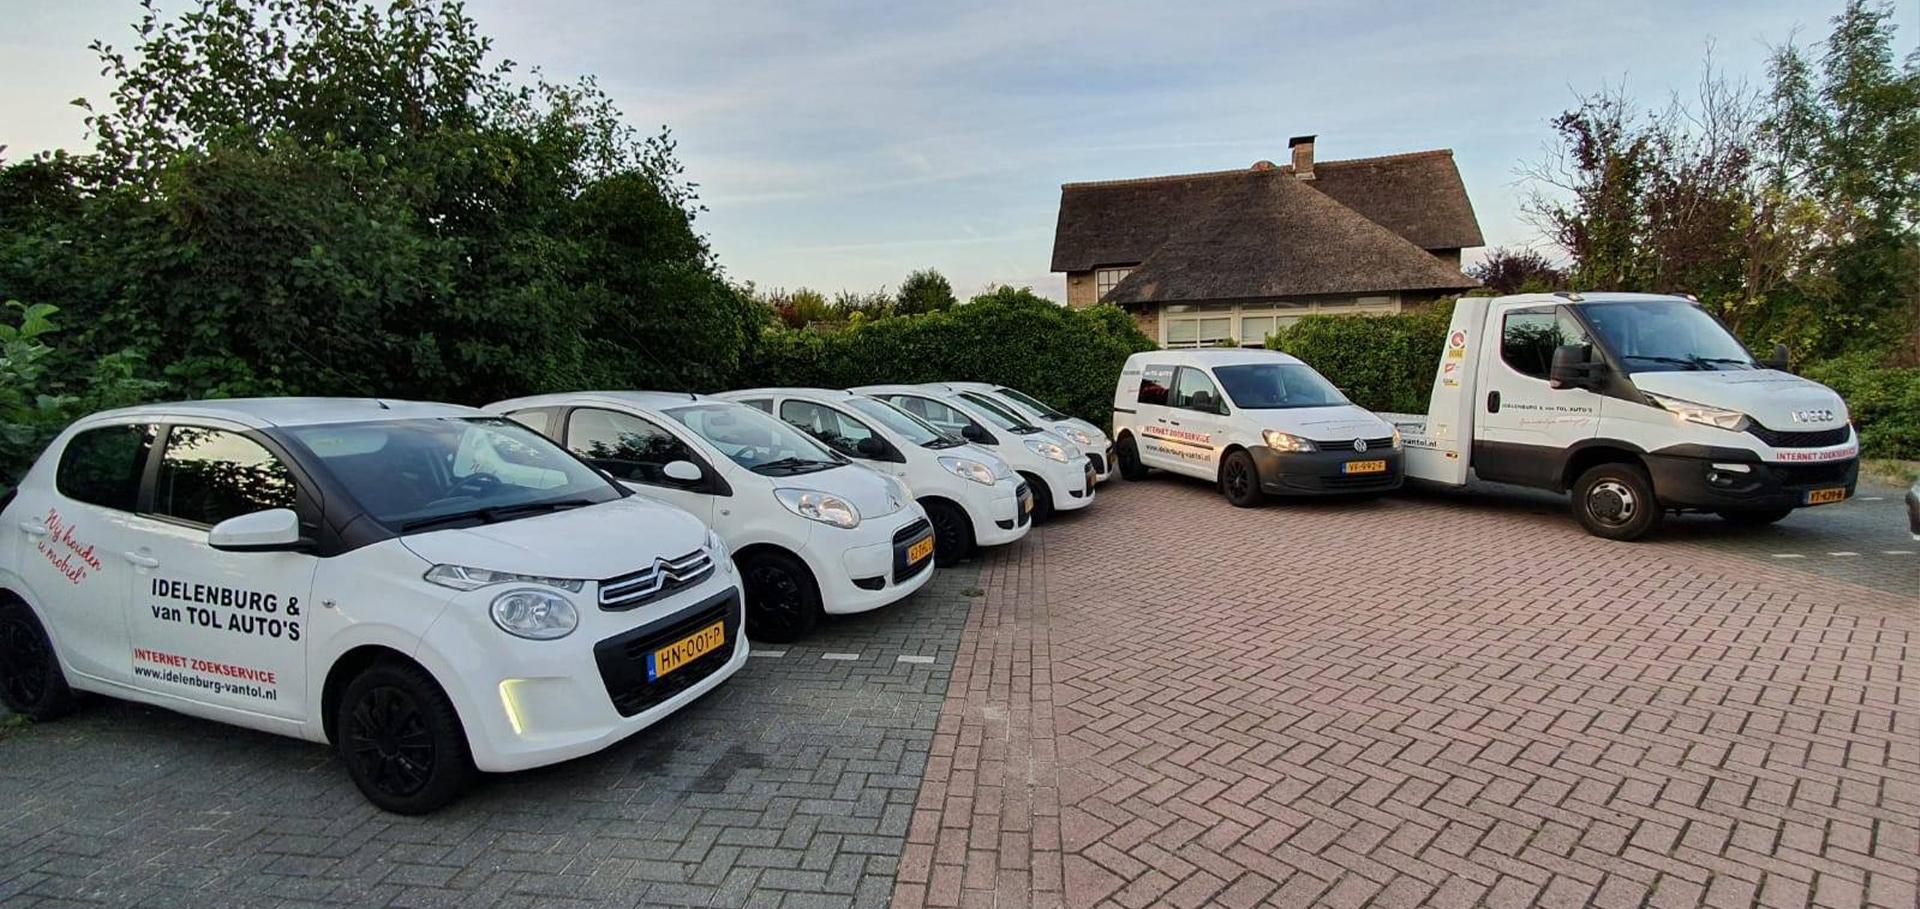 Vervangend vervoer Idelenburg & van Tol